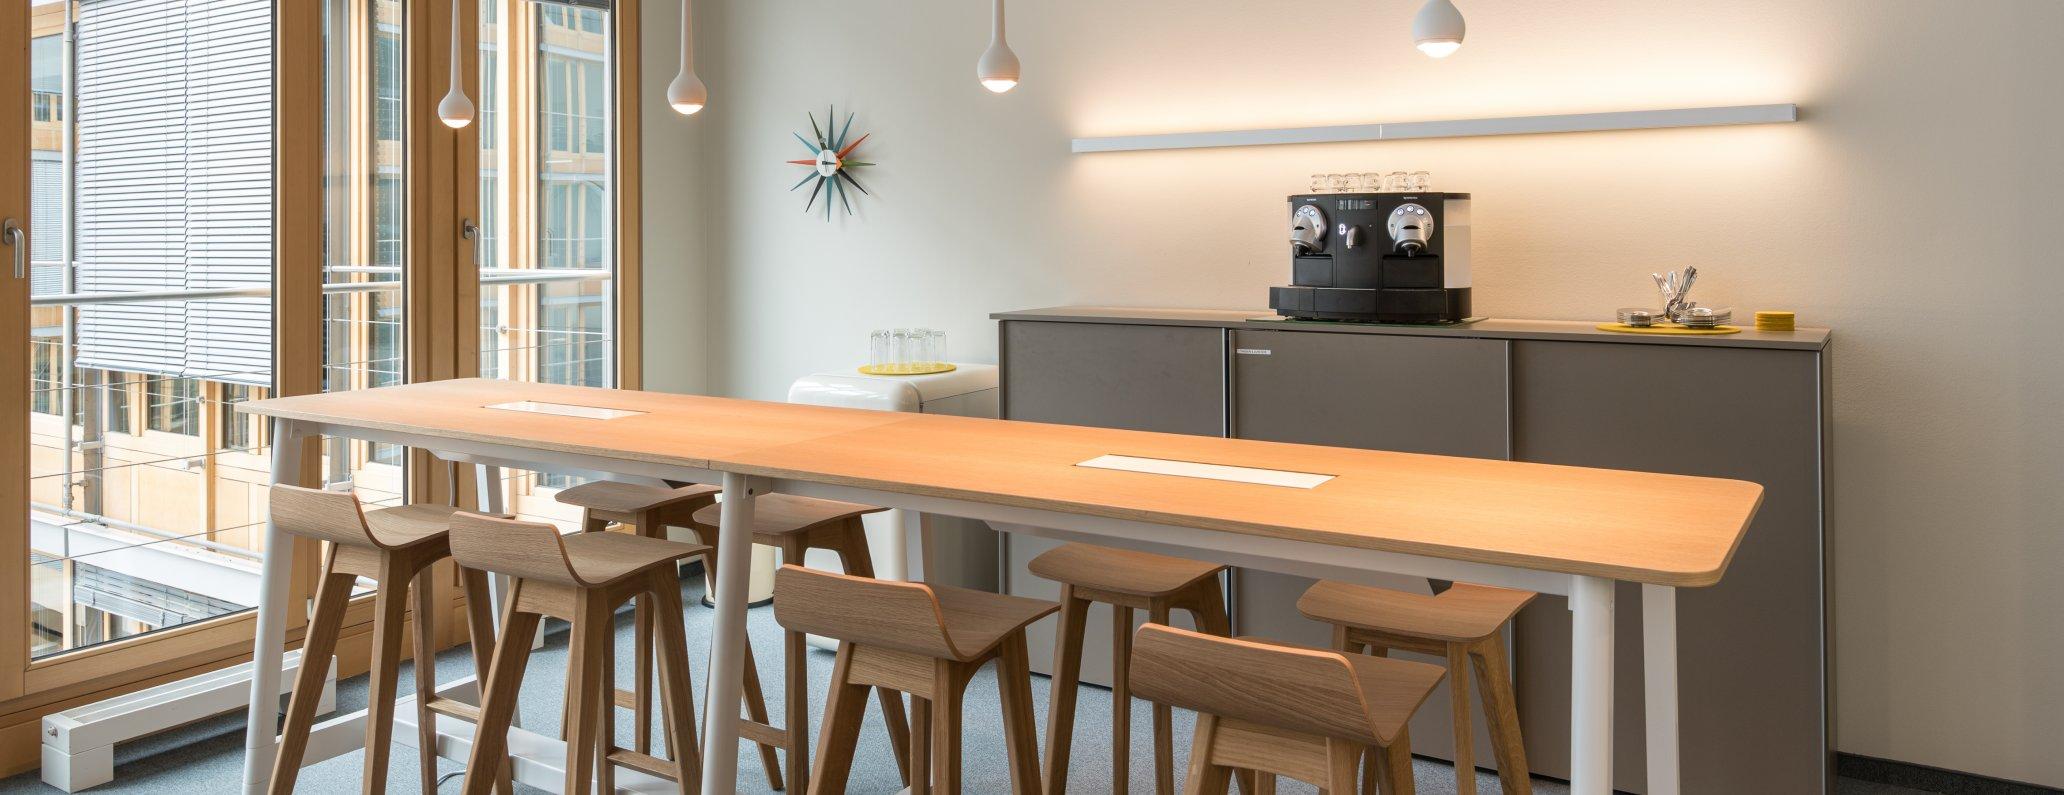 Kommunikationsbereich mit Kaffeestation BDA, Berlin